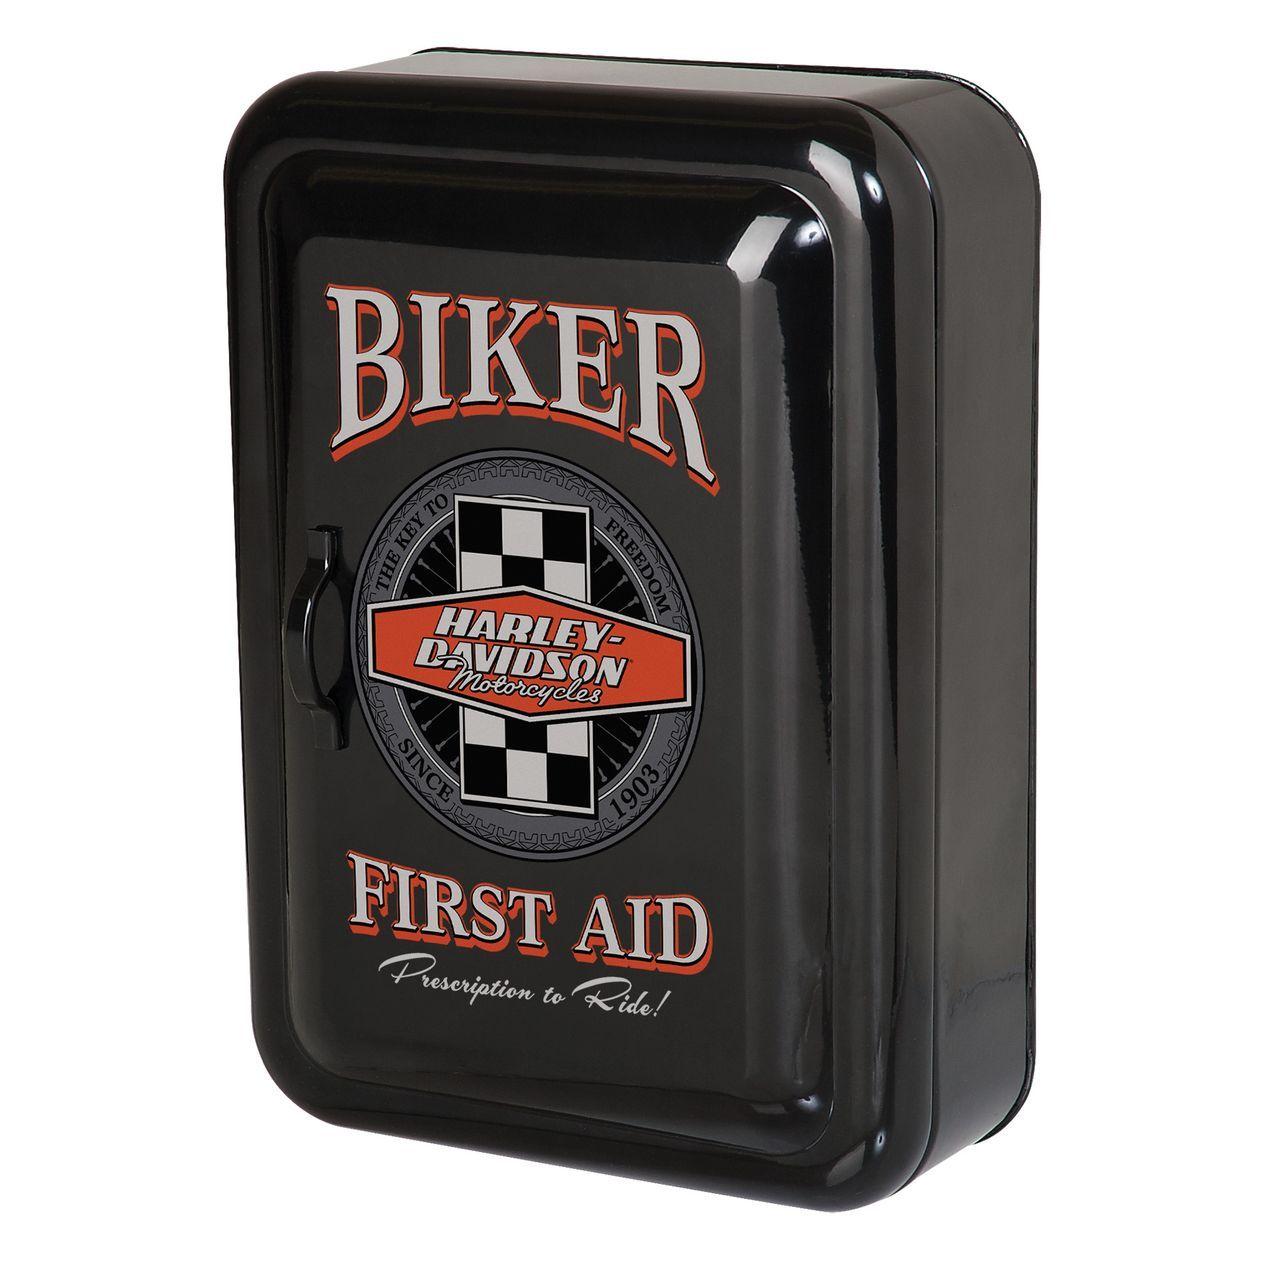 Harley-Davidson Biker Key Rack Cabinet HDL-15104